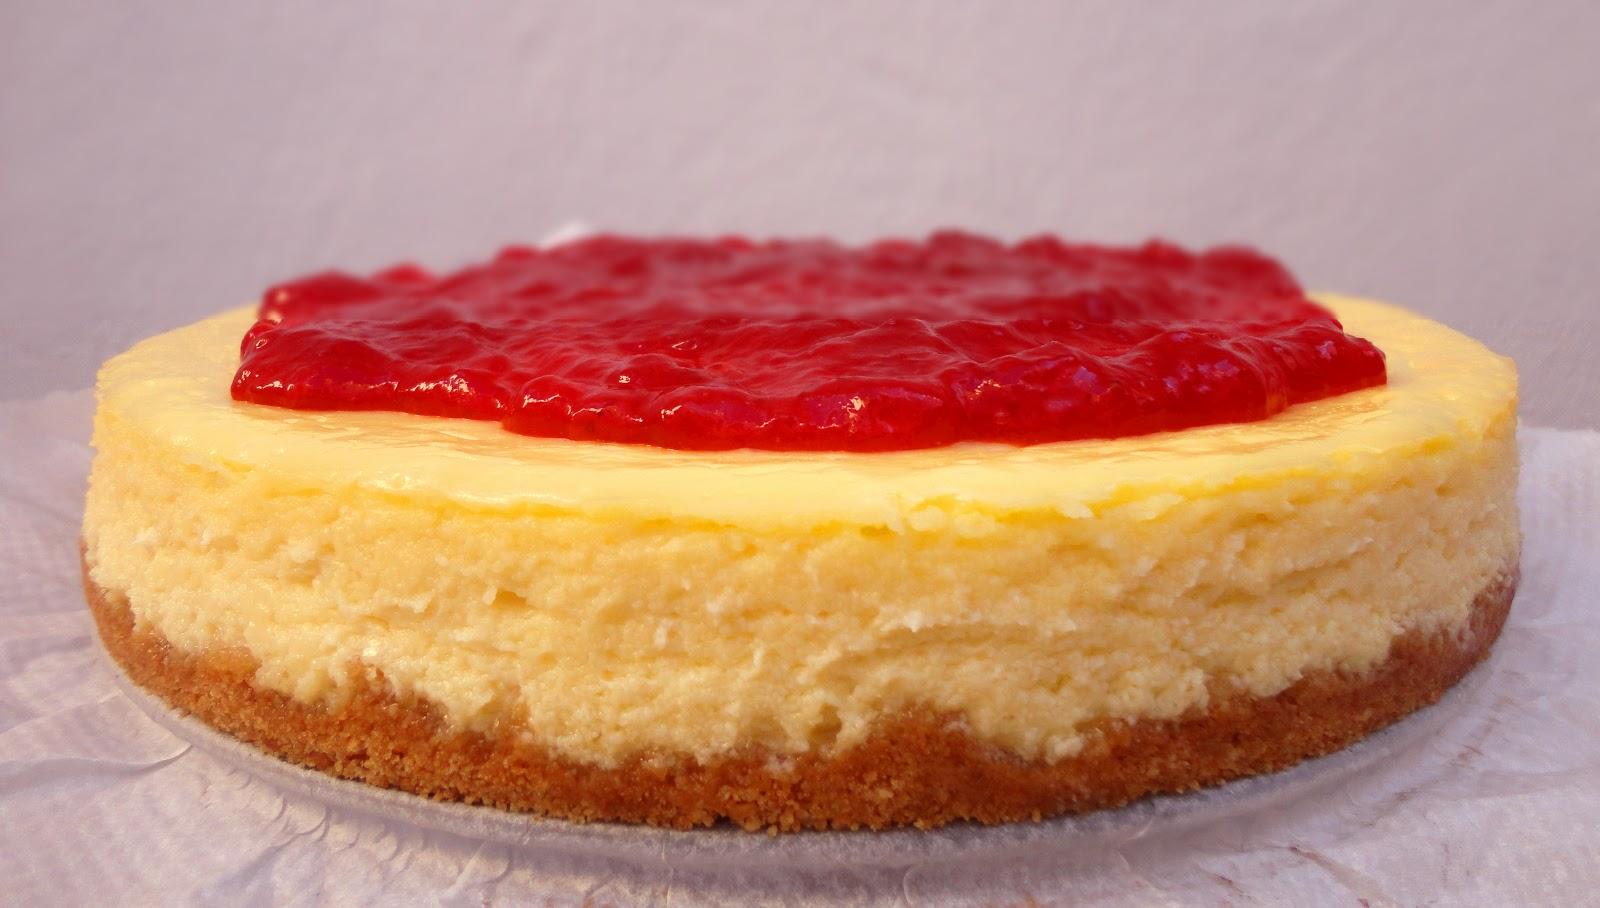 Cocinaros tarta de queso estilo el corte ingl s las for Cuchillo queso el corte ingles